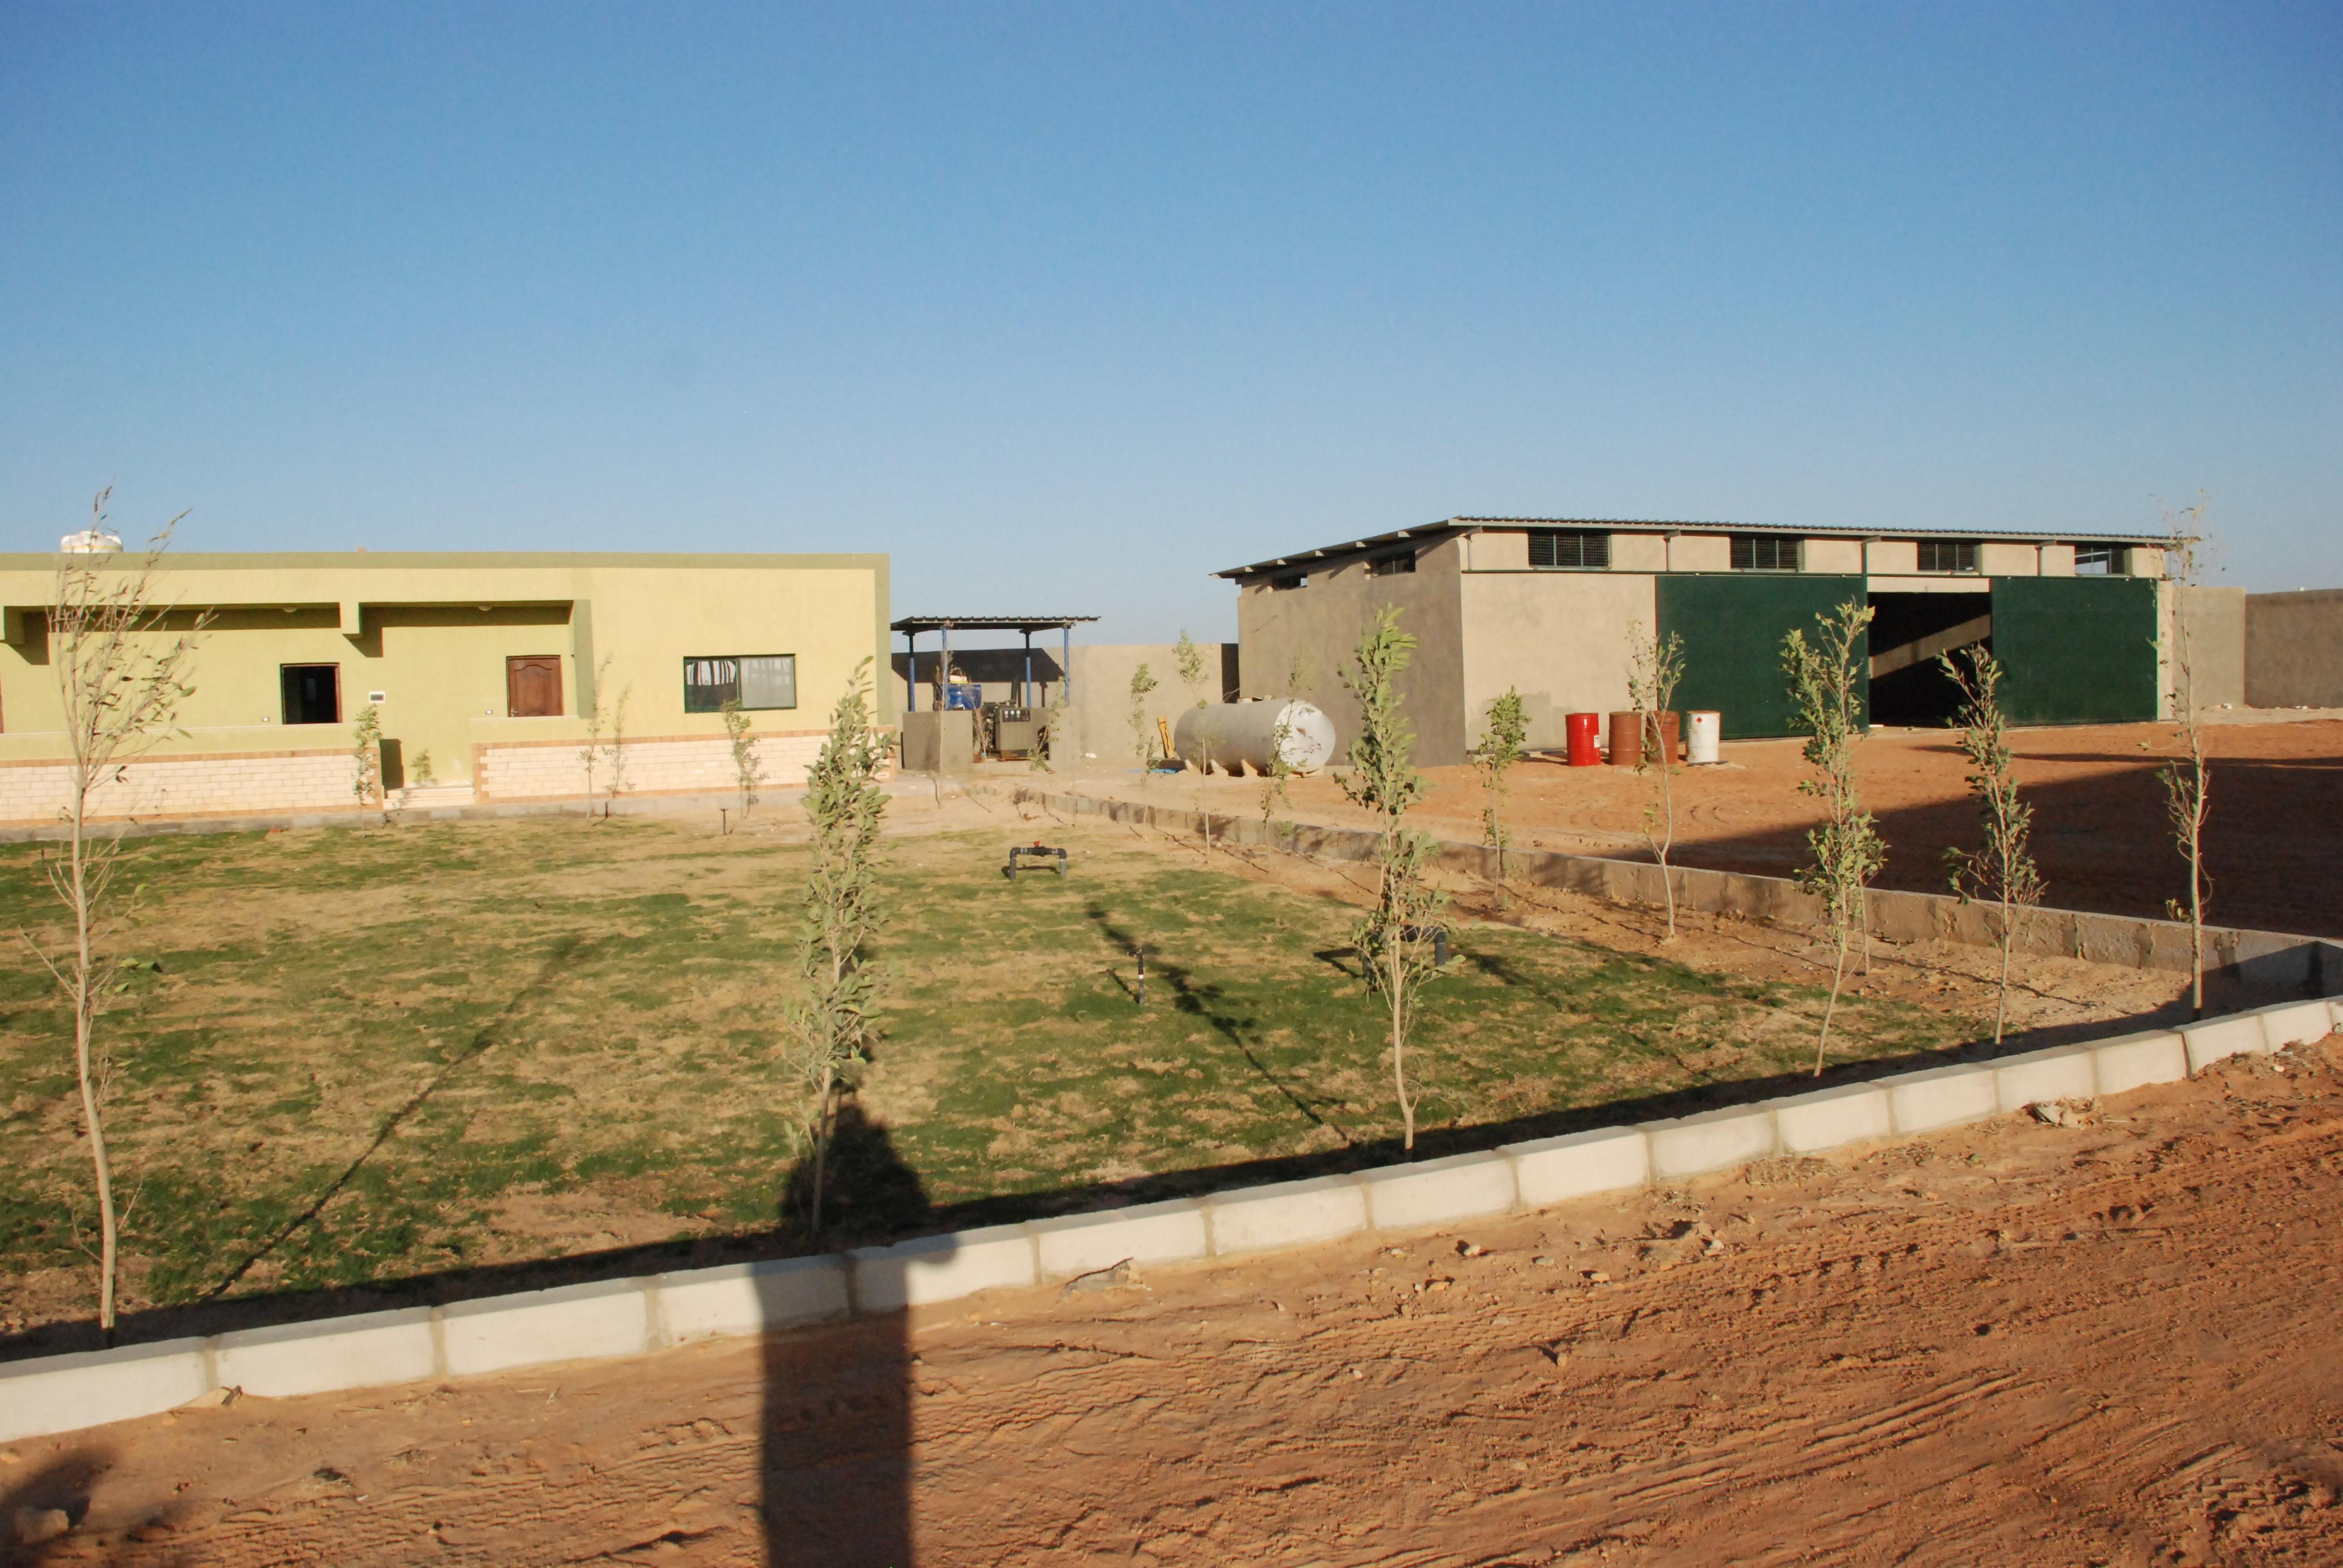 المرحلة الأولى من مشروع الـ20 ألف فدان بغرب غرب المنيا  (8)